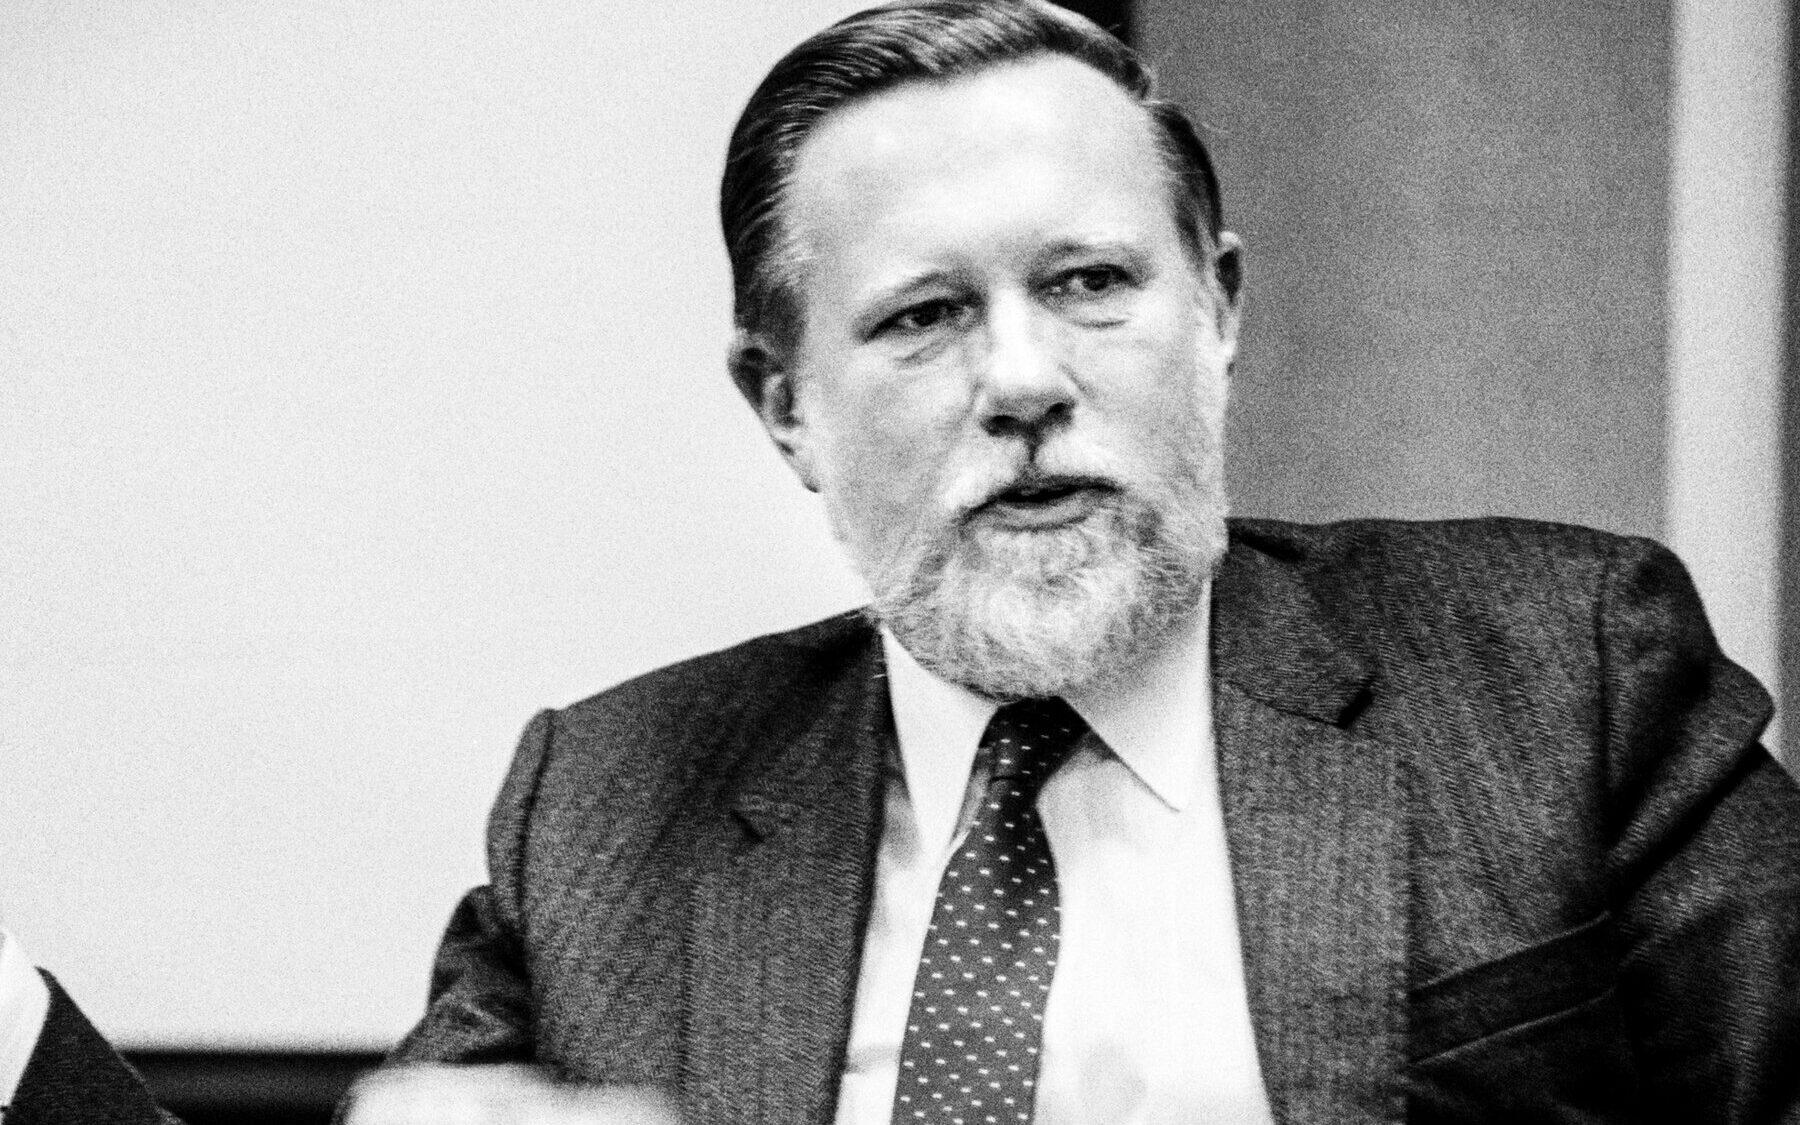 Chi era Charles Geschke, il padre del PDF e fondatore di Adobe